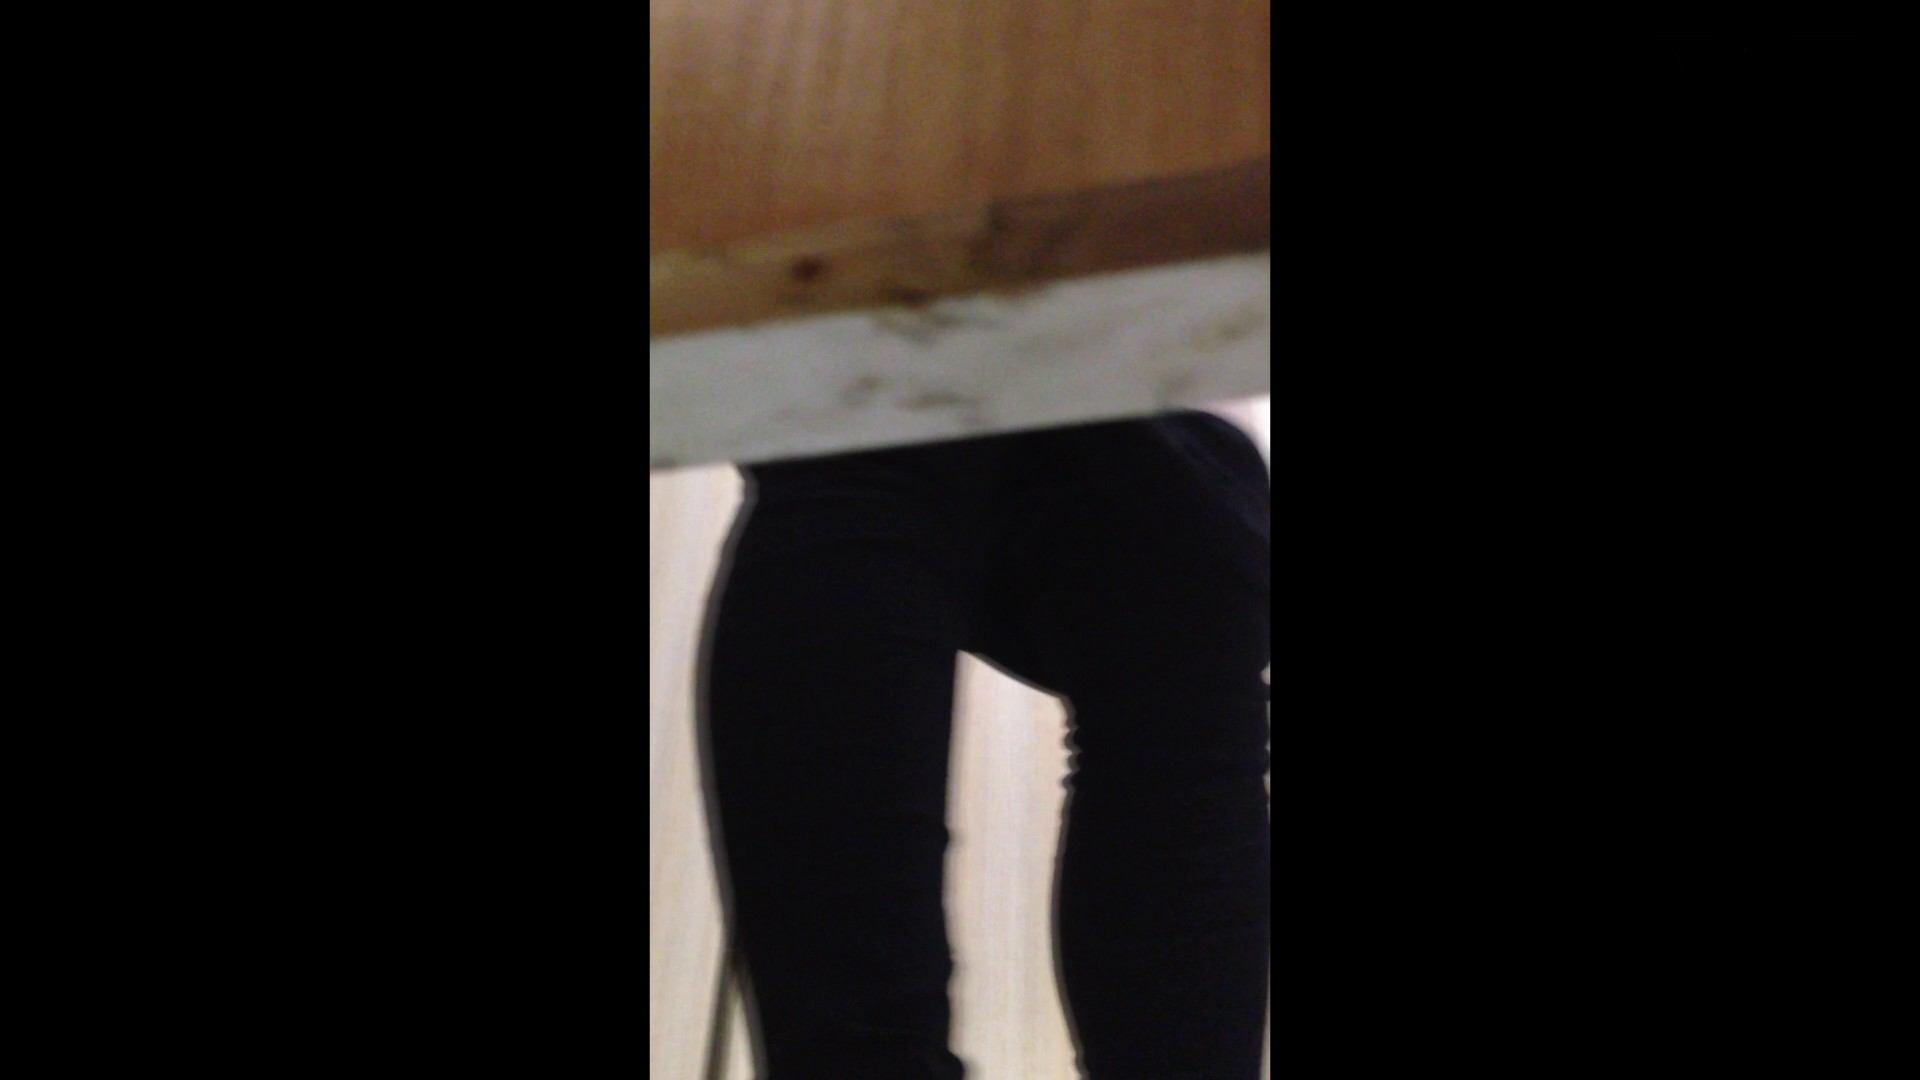 芸術大学ガチ潜入盗撮 JD盗撮 美女の洗面所の秘密 Vol.87 洗面所 オメコ動画キャプチャ 61pic 40